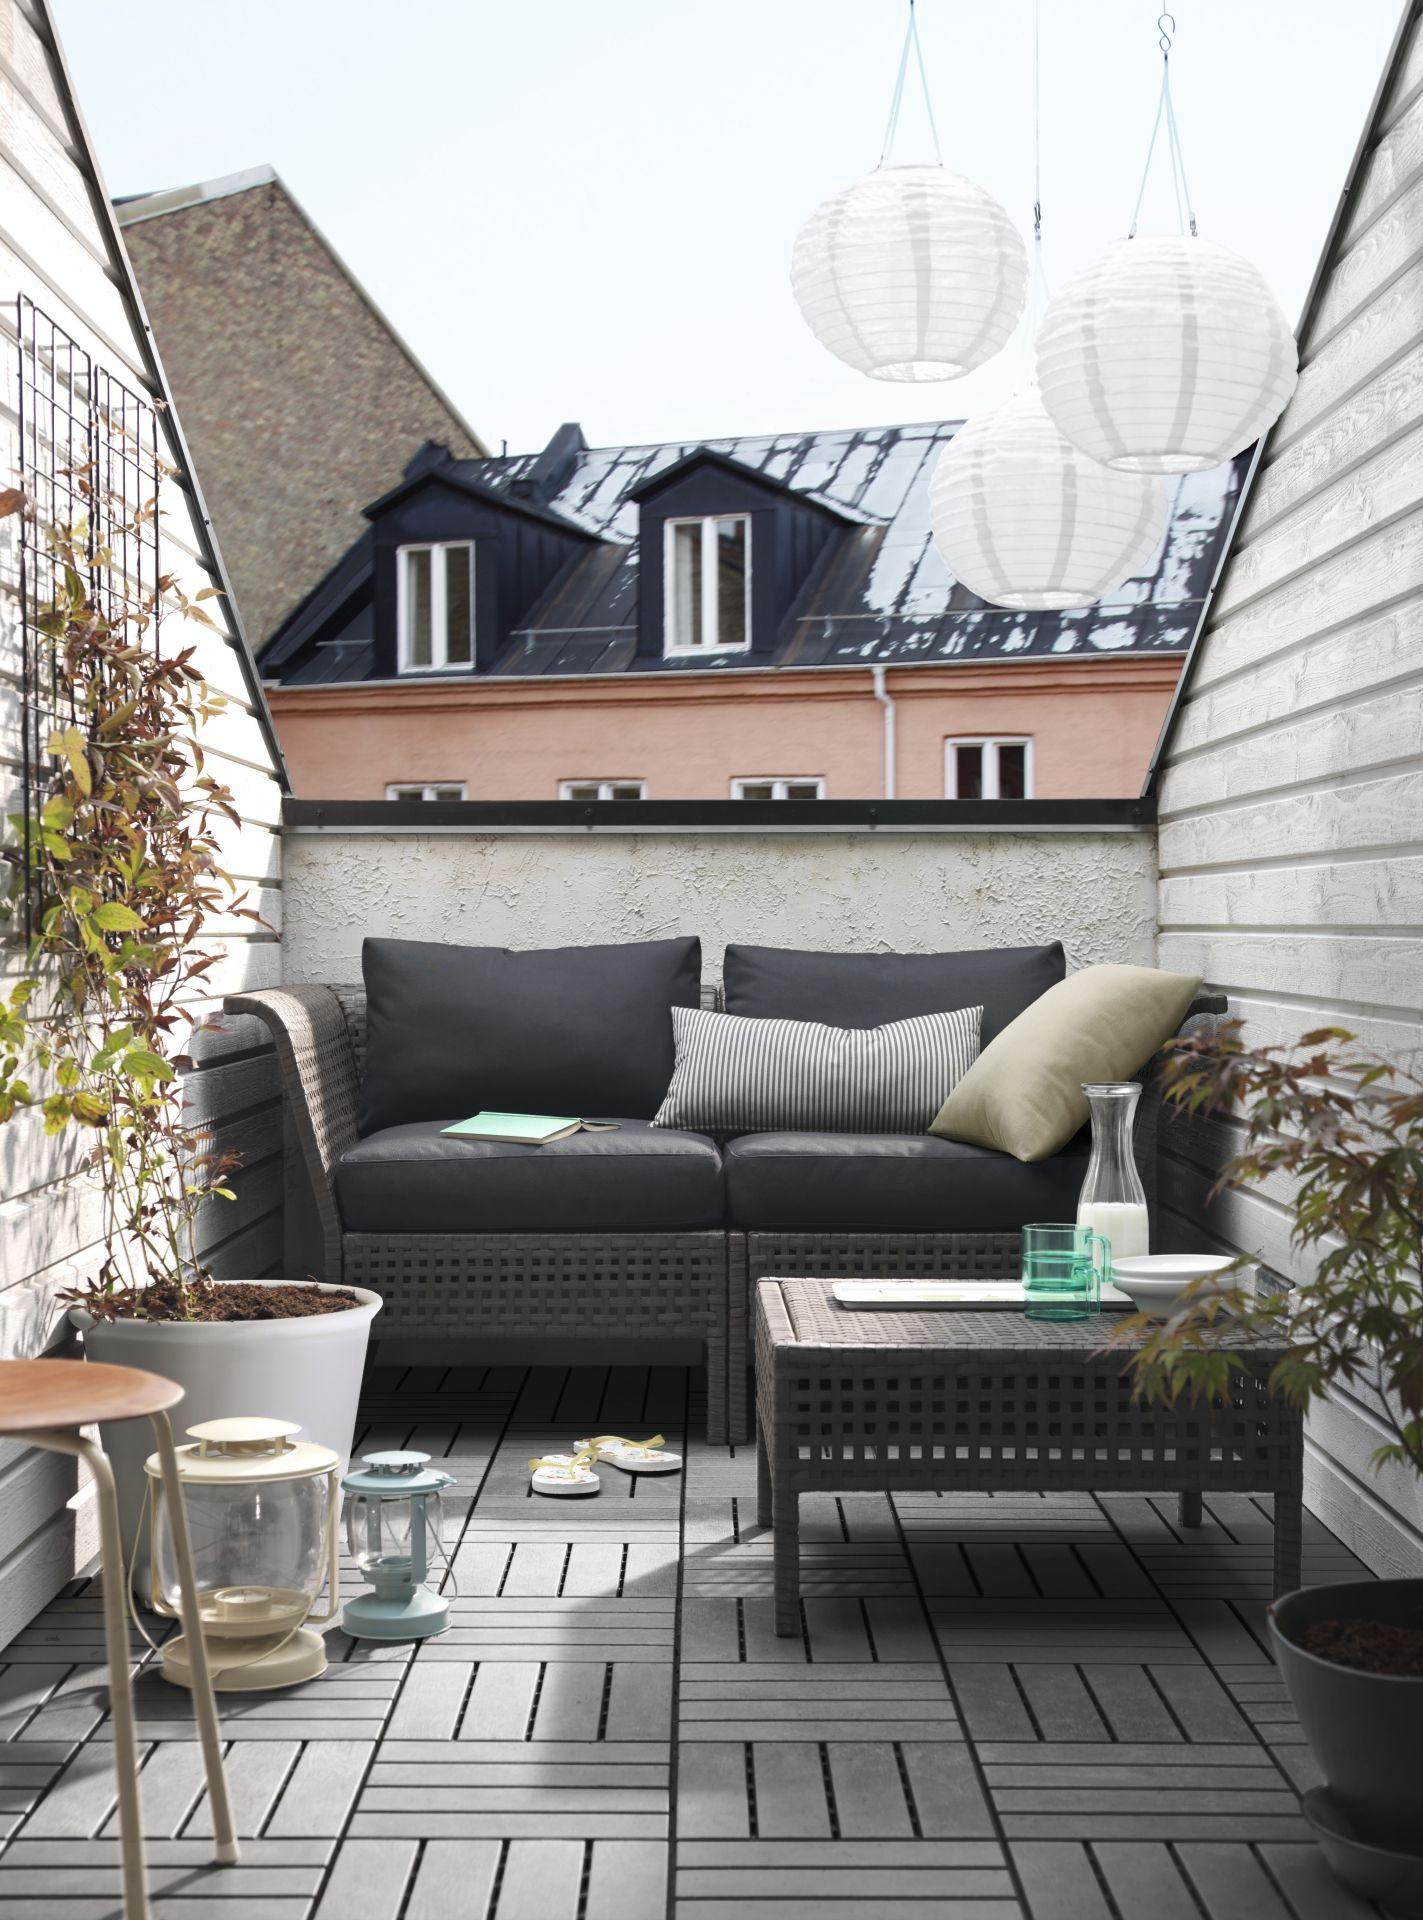 Ikea gartenmöbel lounge  IKEA Deutschland | Mit KUNGSHOLMEN kann man ganz leicht Urlaub auf ...